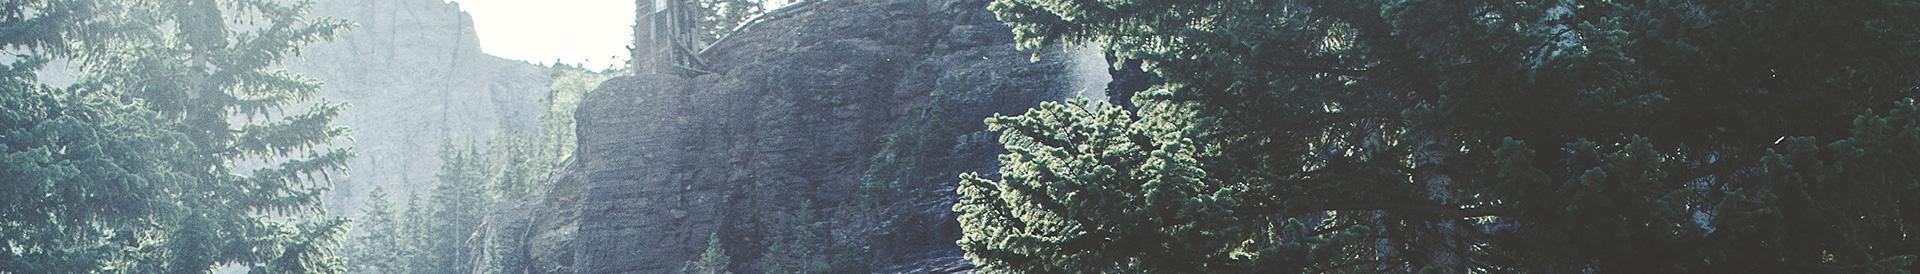 krajobraz górski - Banner